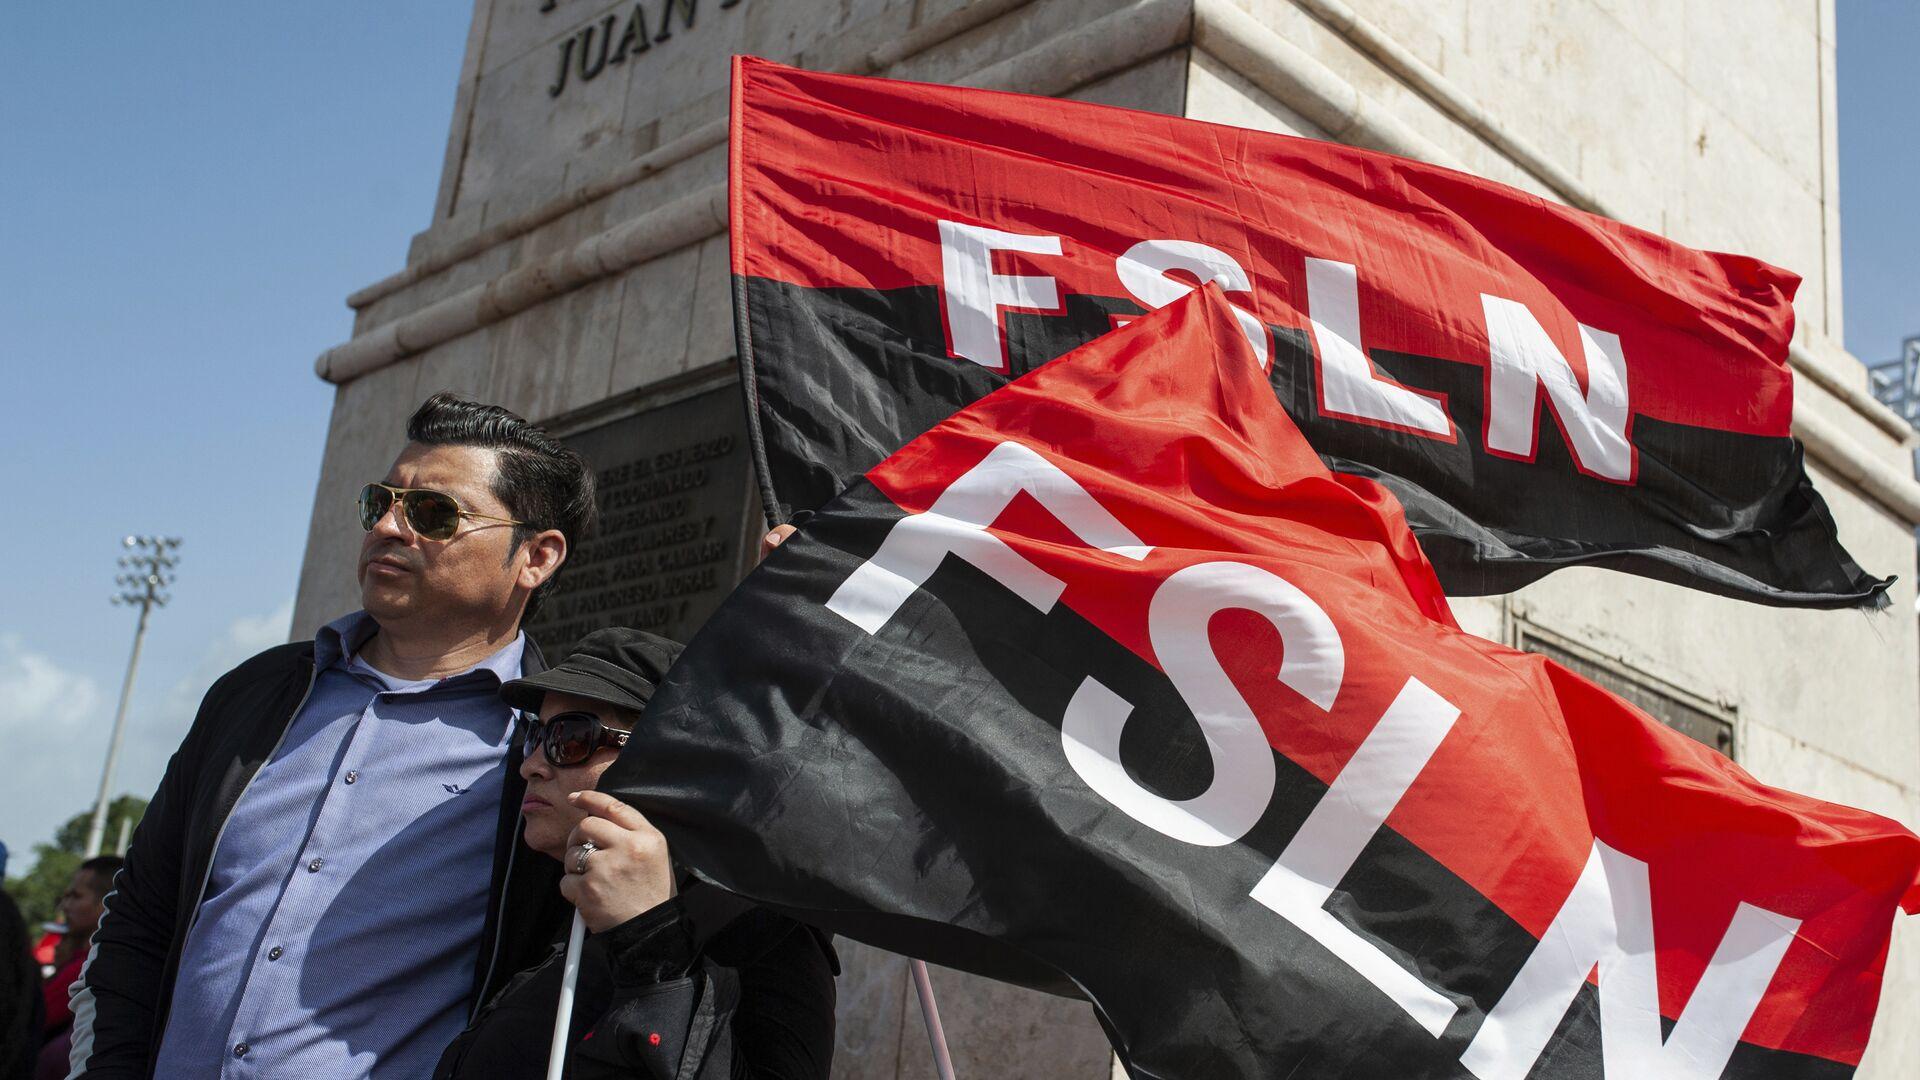 Sandinista porta las banderas del FSLN en el 39 Aniversario de la Revolución nicaraguense - Sputnik Mundo, 1920, 13.04.2021